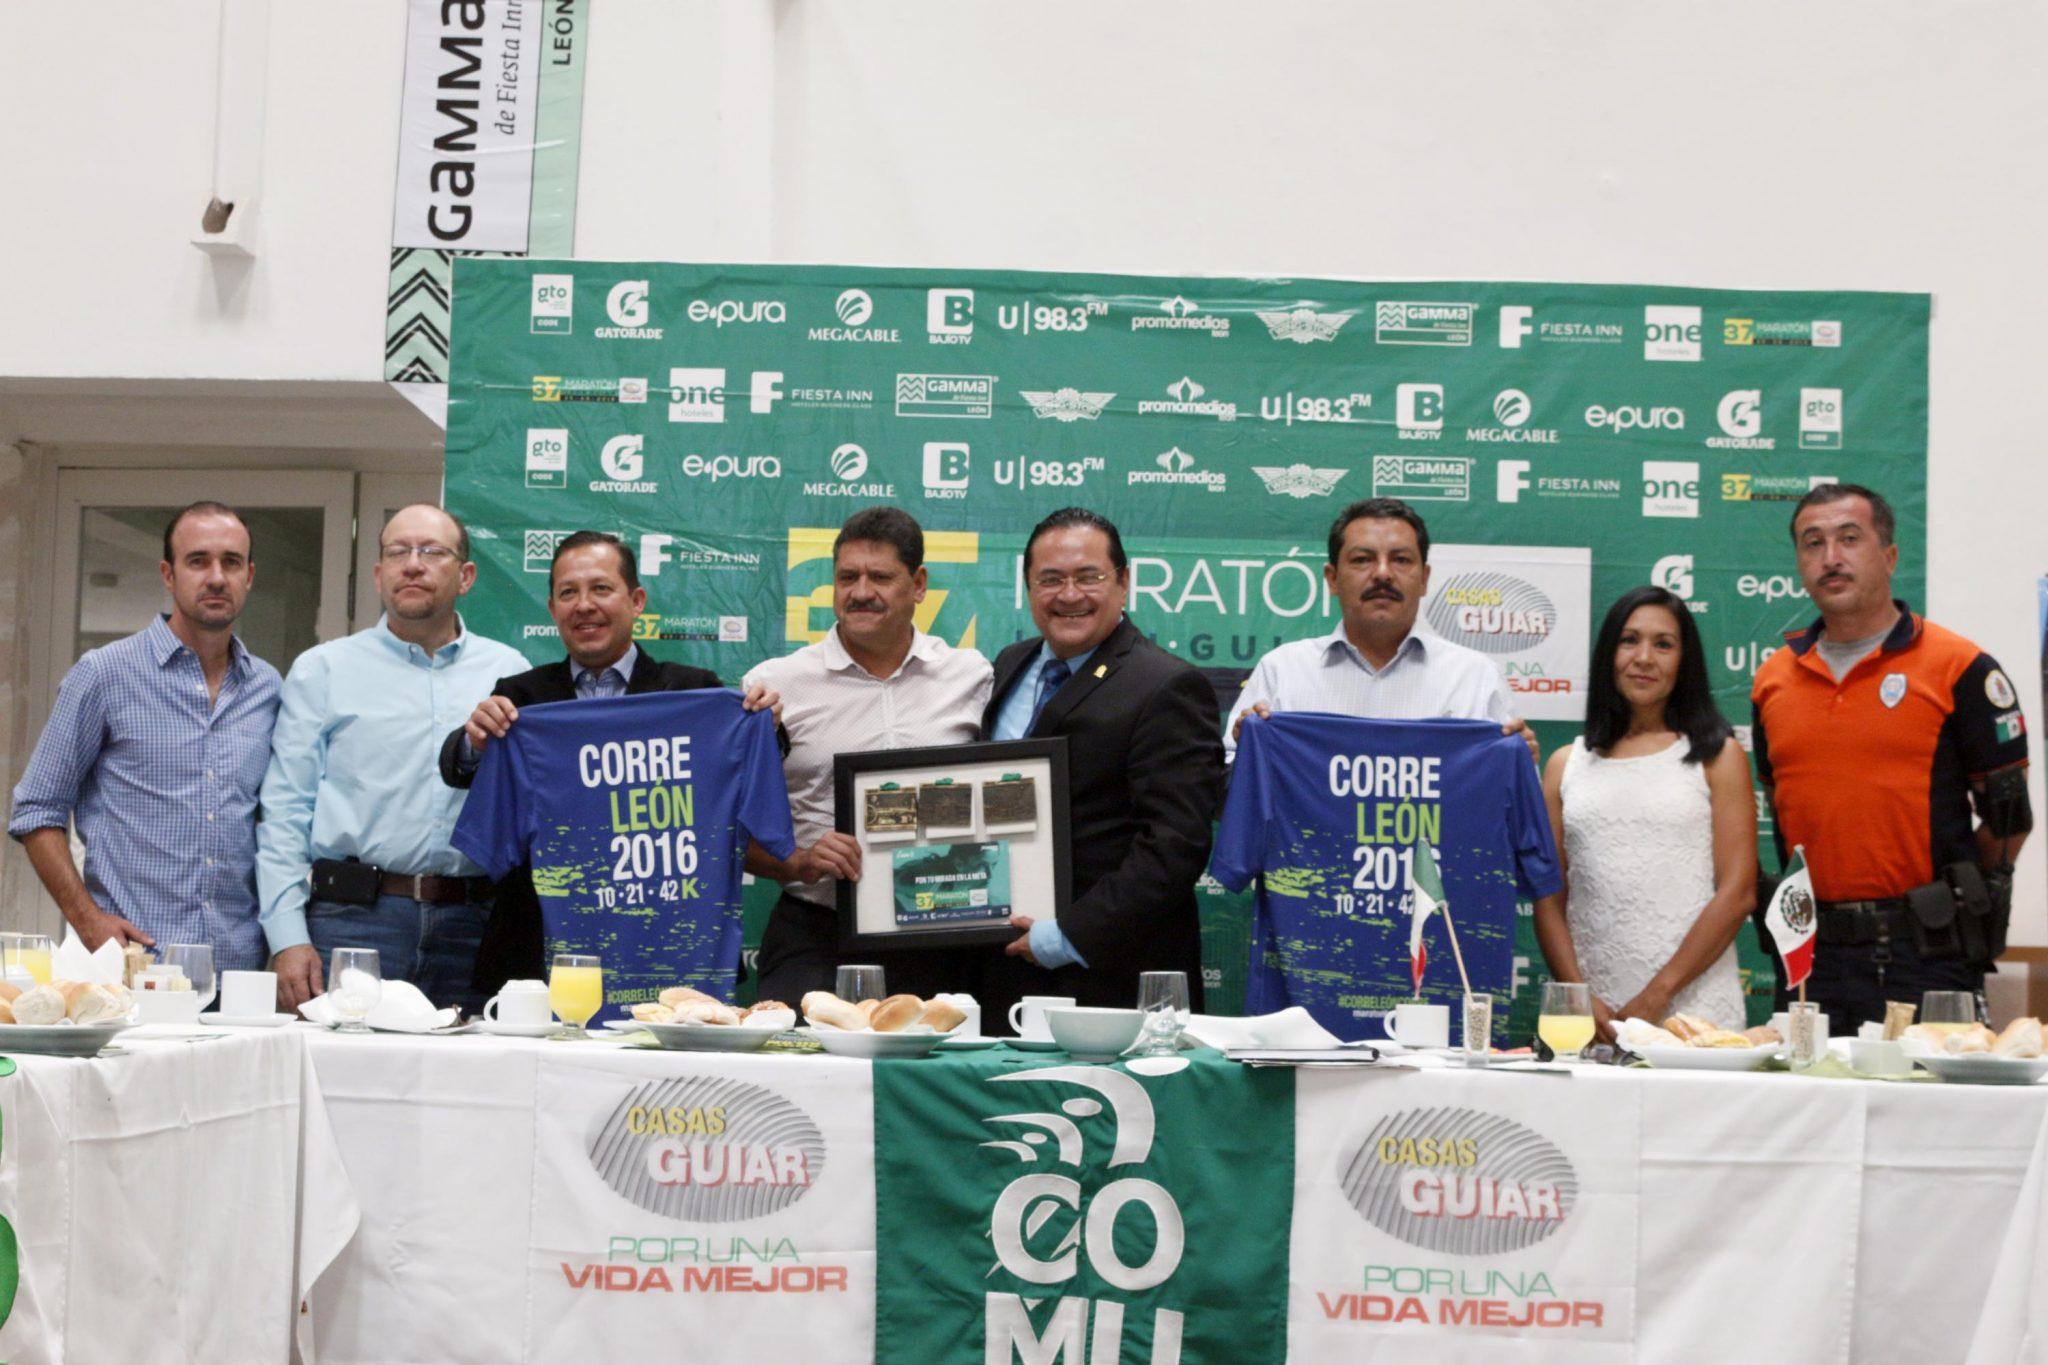 Refuerzan Dependencias Municipales la edición 37 del Maratón León Guiar 2016.